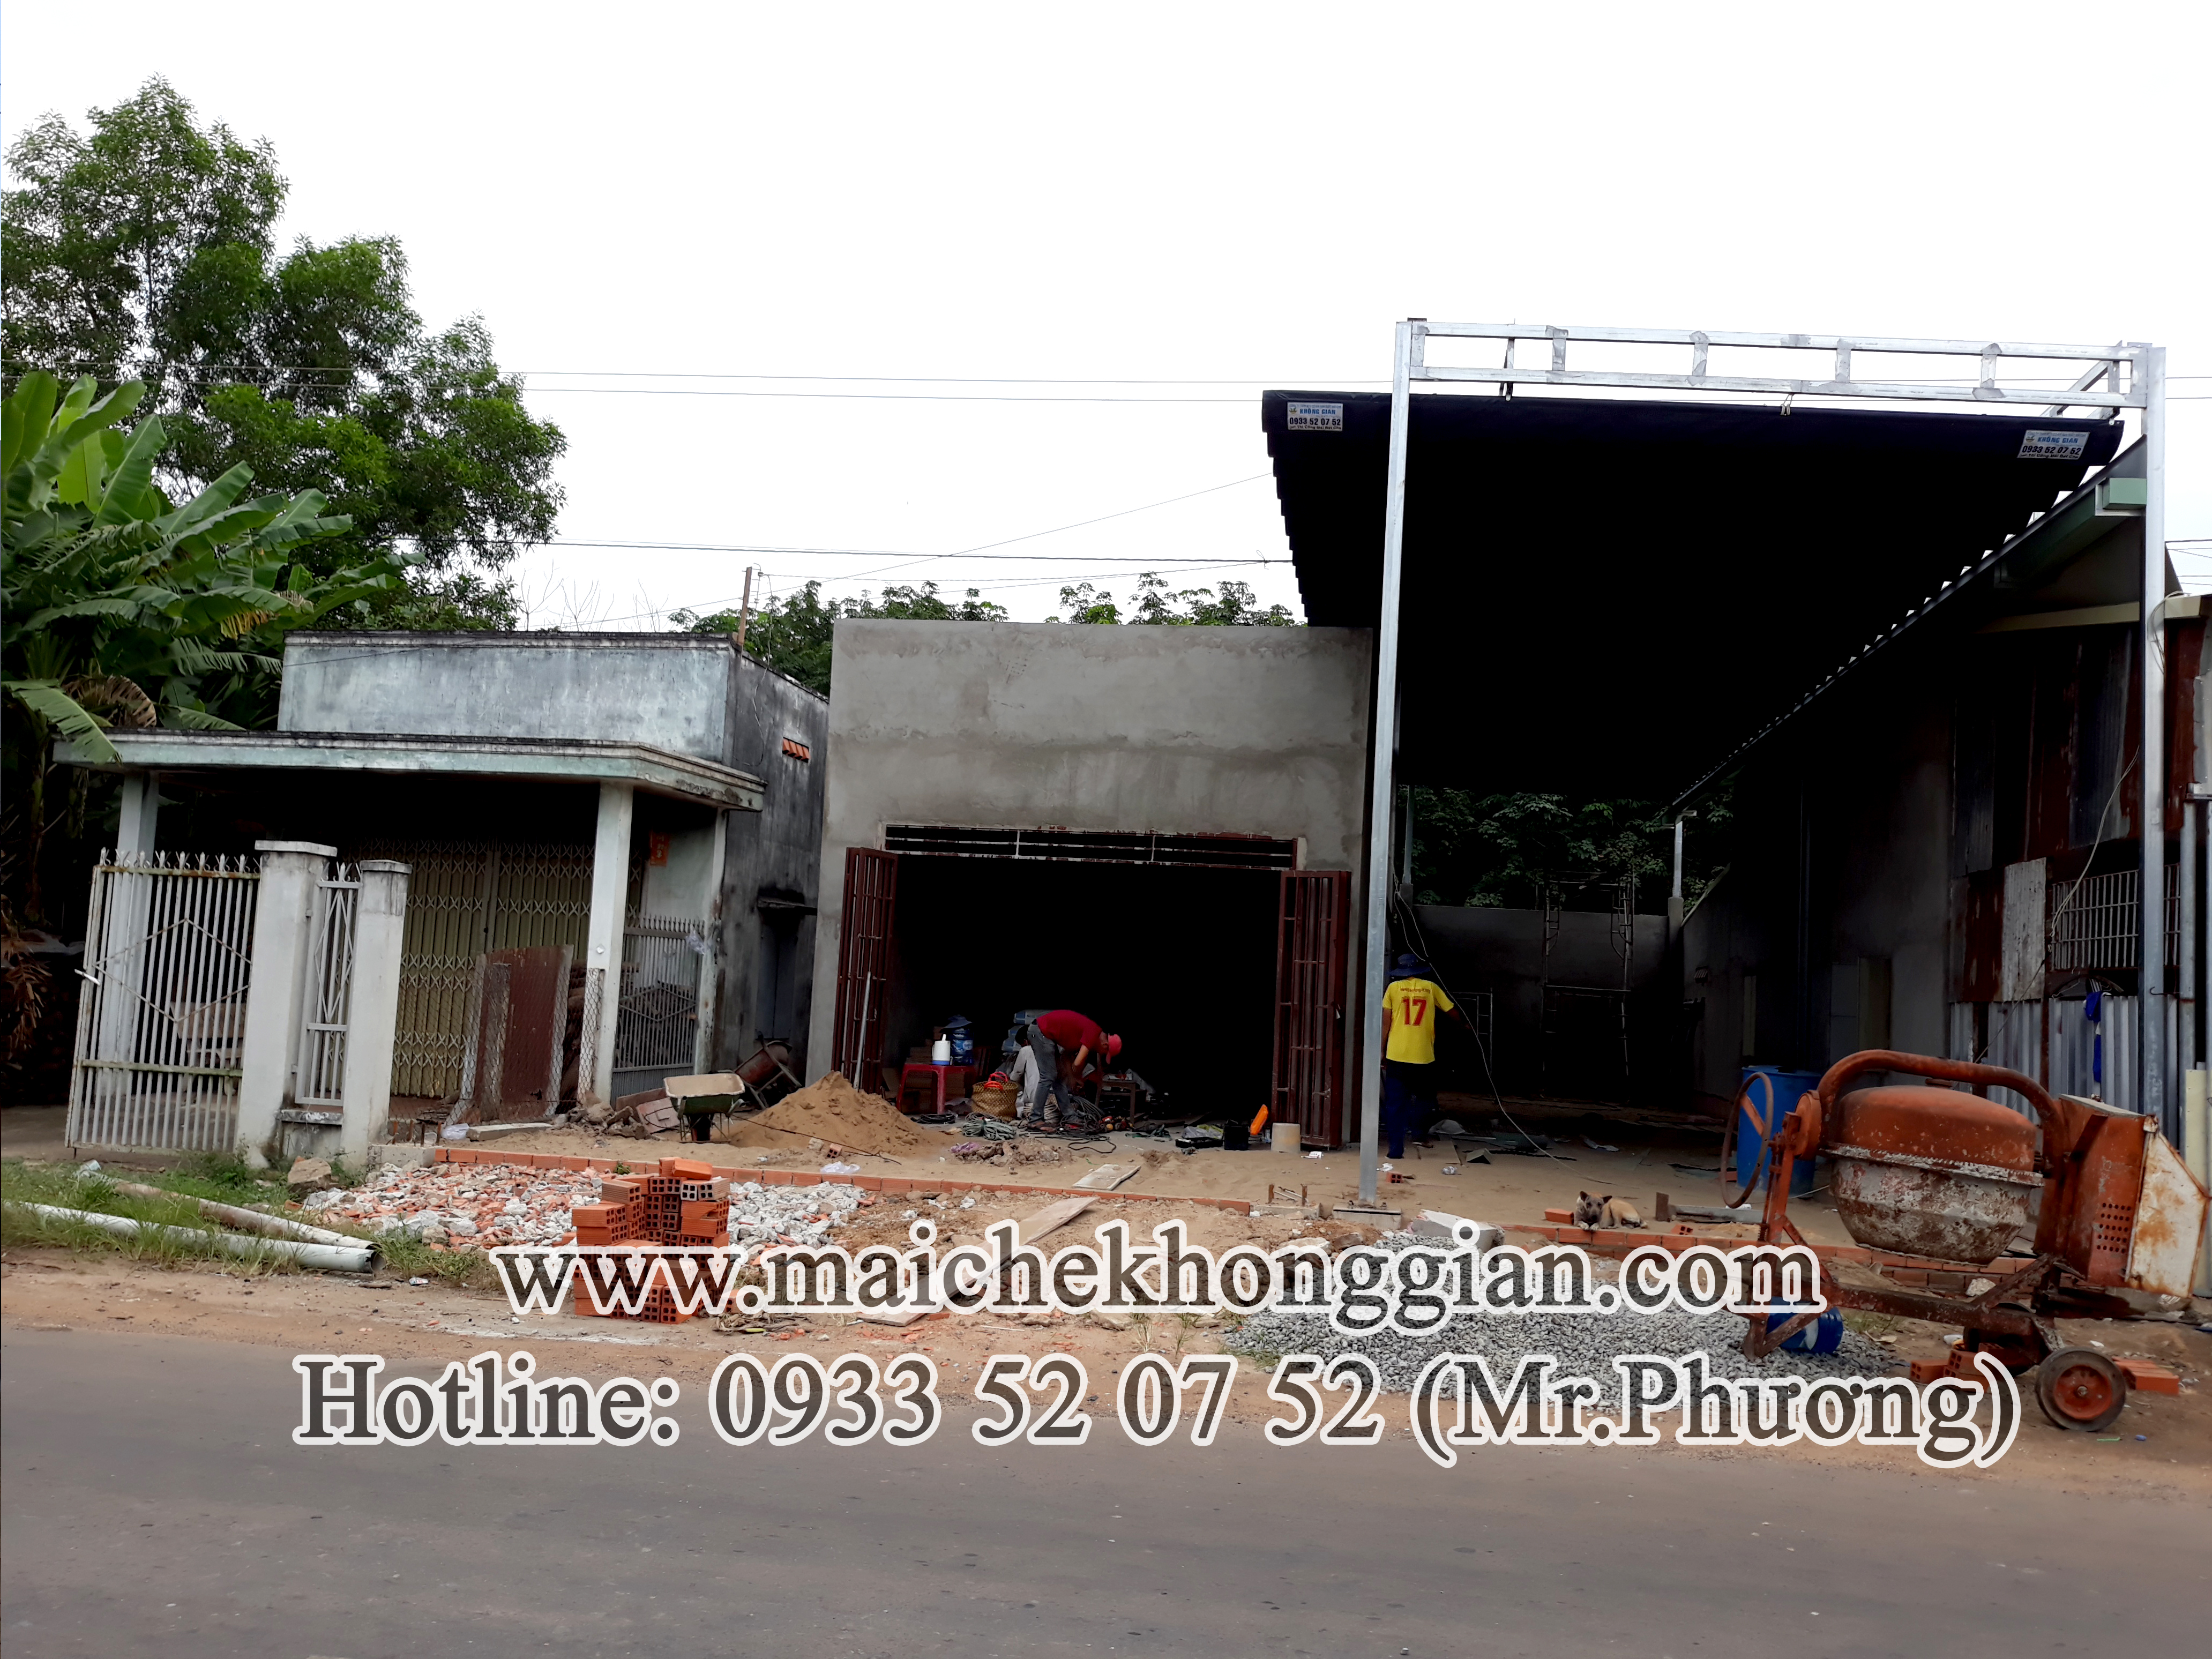 Mái bạt Tân Biên Tây Ninh